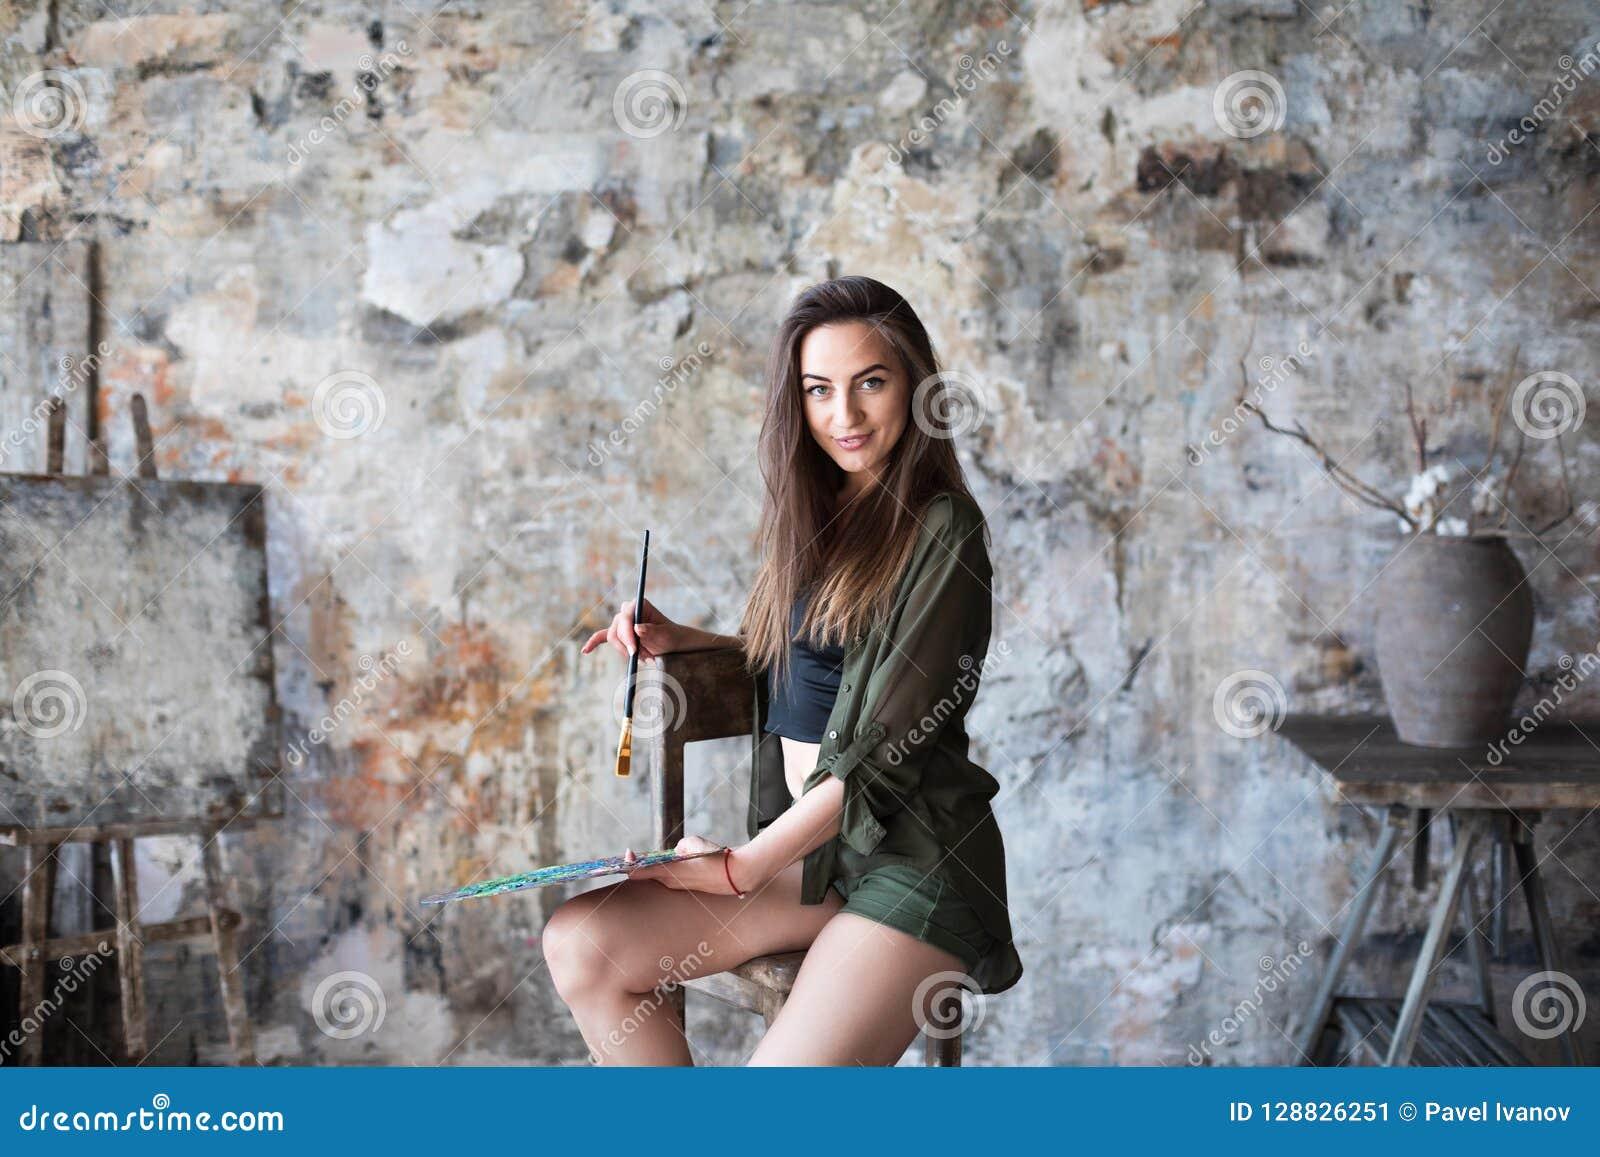 Porträt des jungen begabten weiblichen Künstlers Art, Kreativitätskonzept